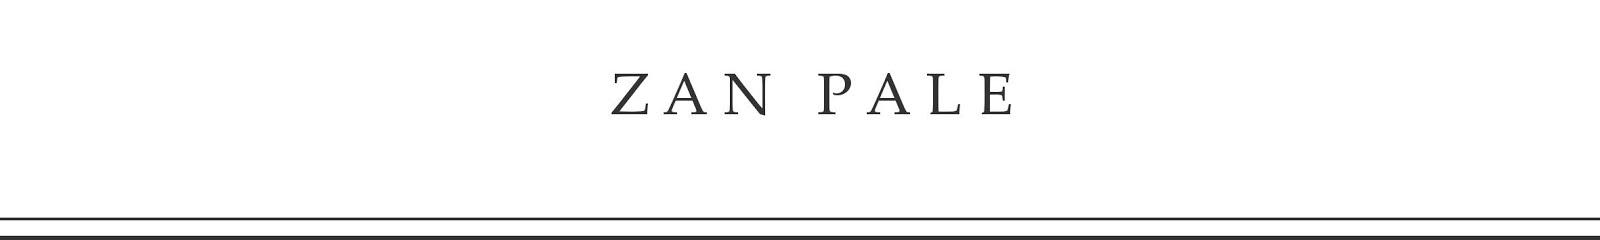 Zan Pale